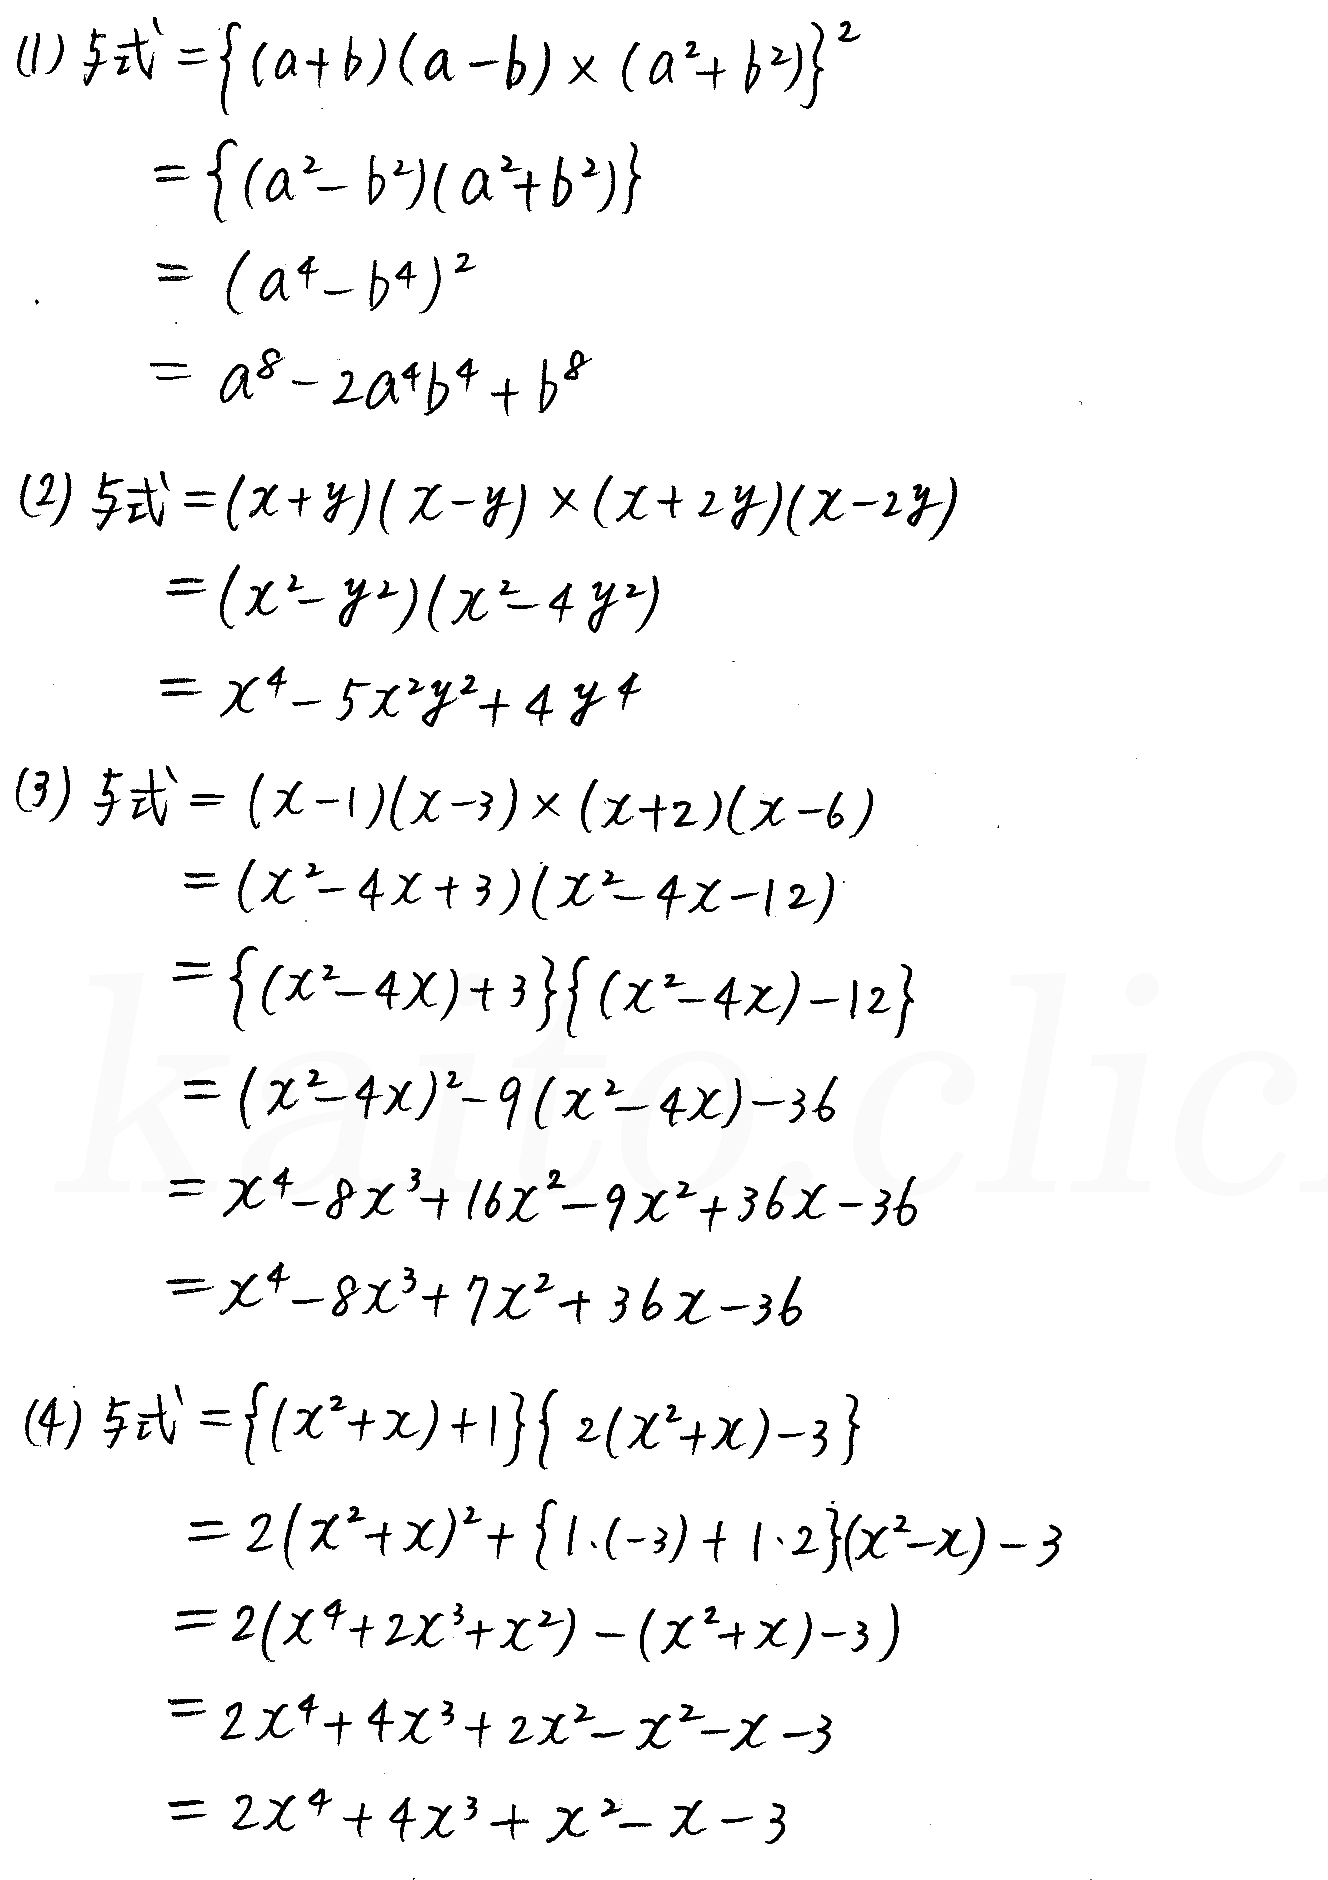 クリアー数学1-32解答